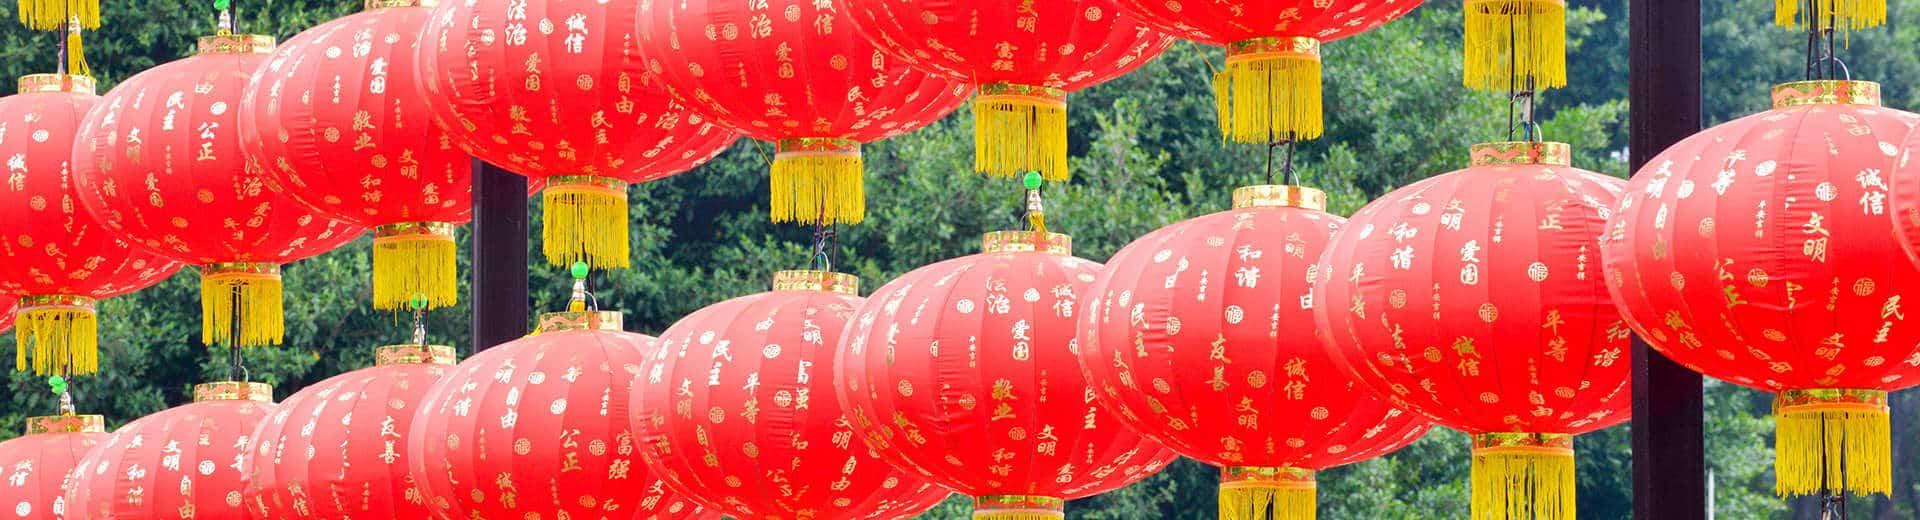 chinese red lanterns hanging in china